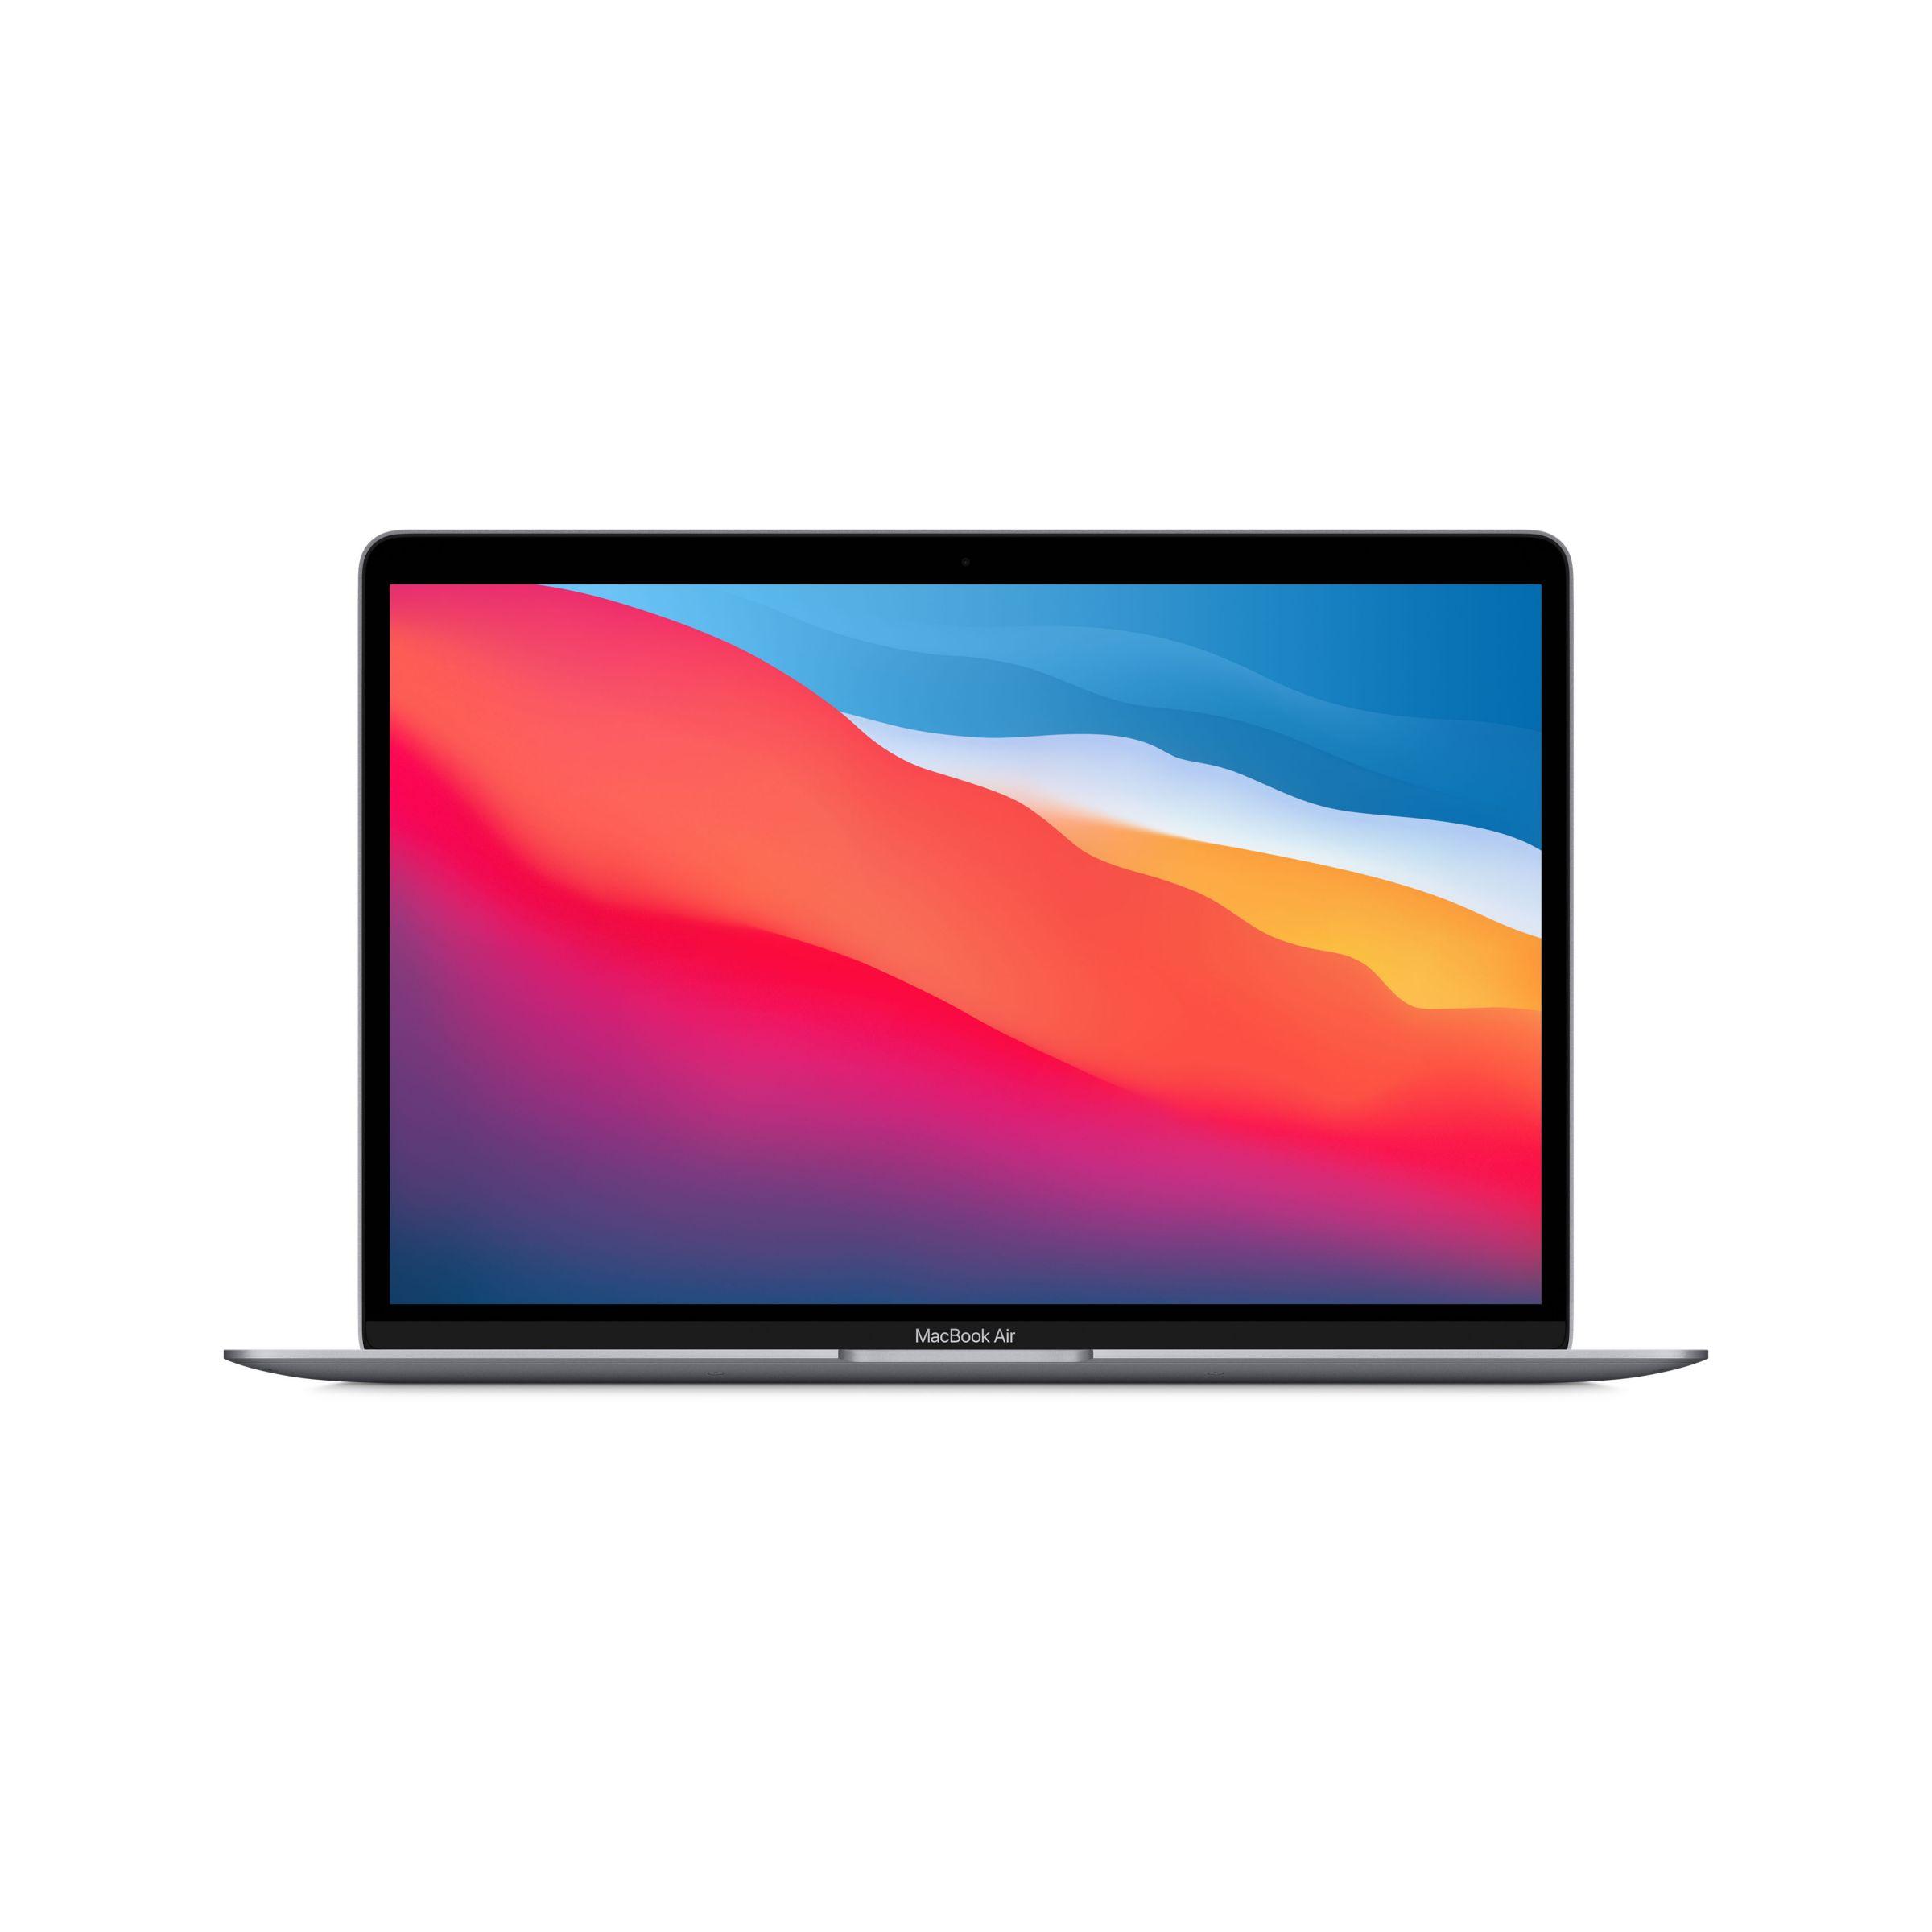 2020 Apple MacBook Air 13.3 Retina Display, M1 Processor, 8GB RAM, 512GB SSD